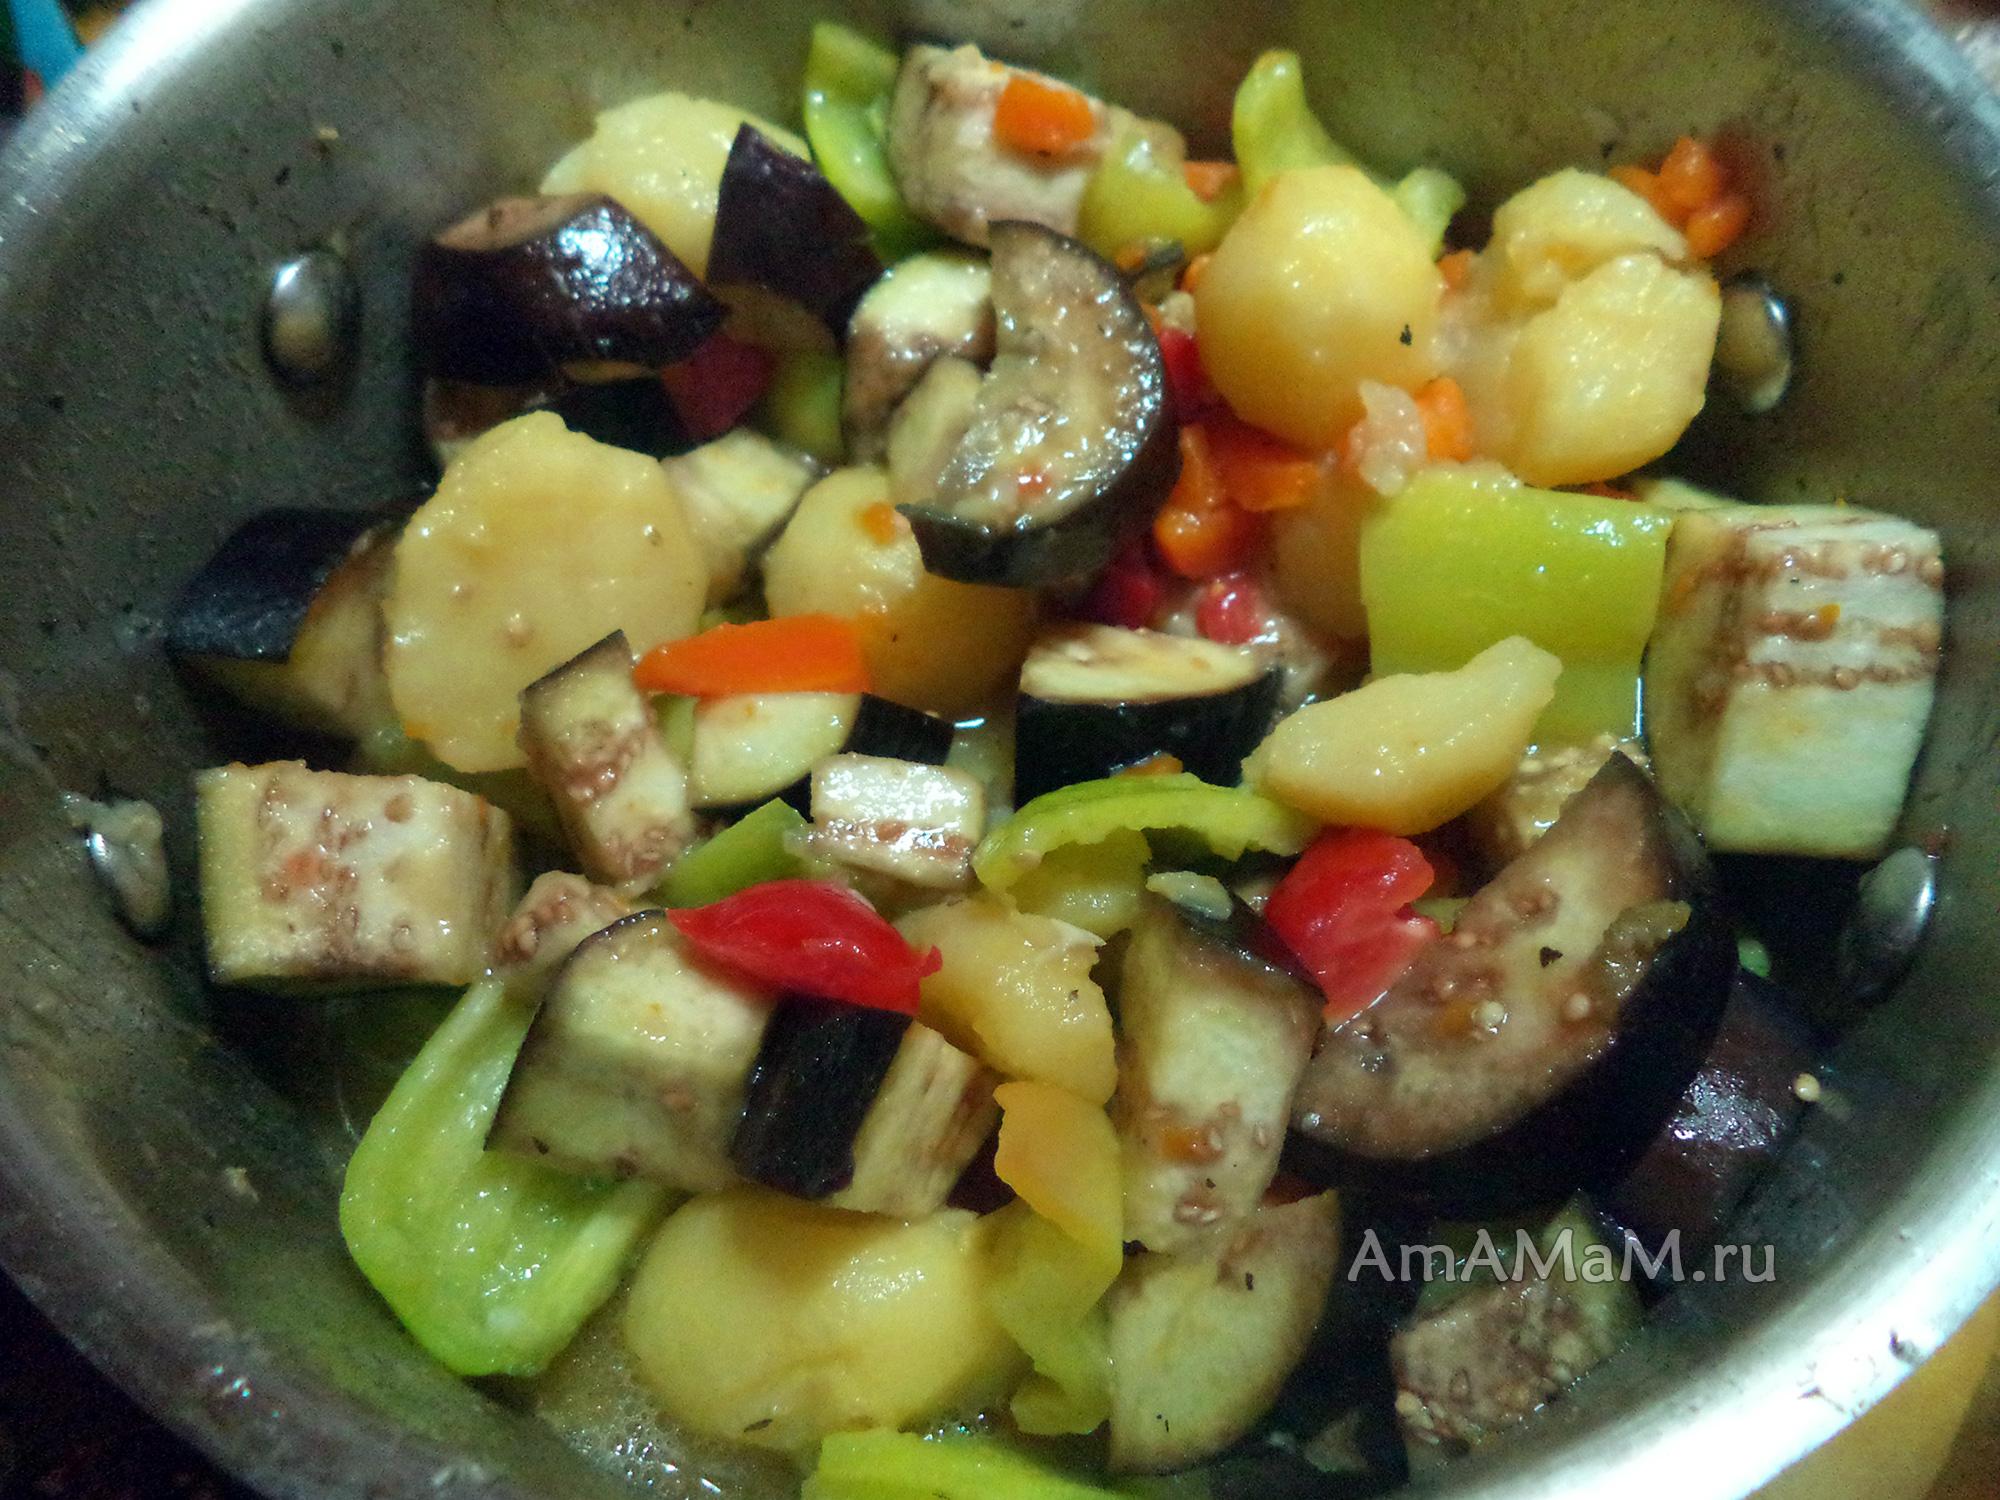 Овощное рагу рецепт пошагово на зиму